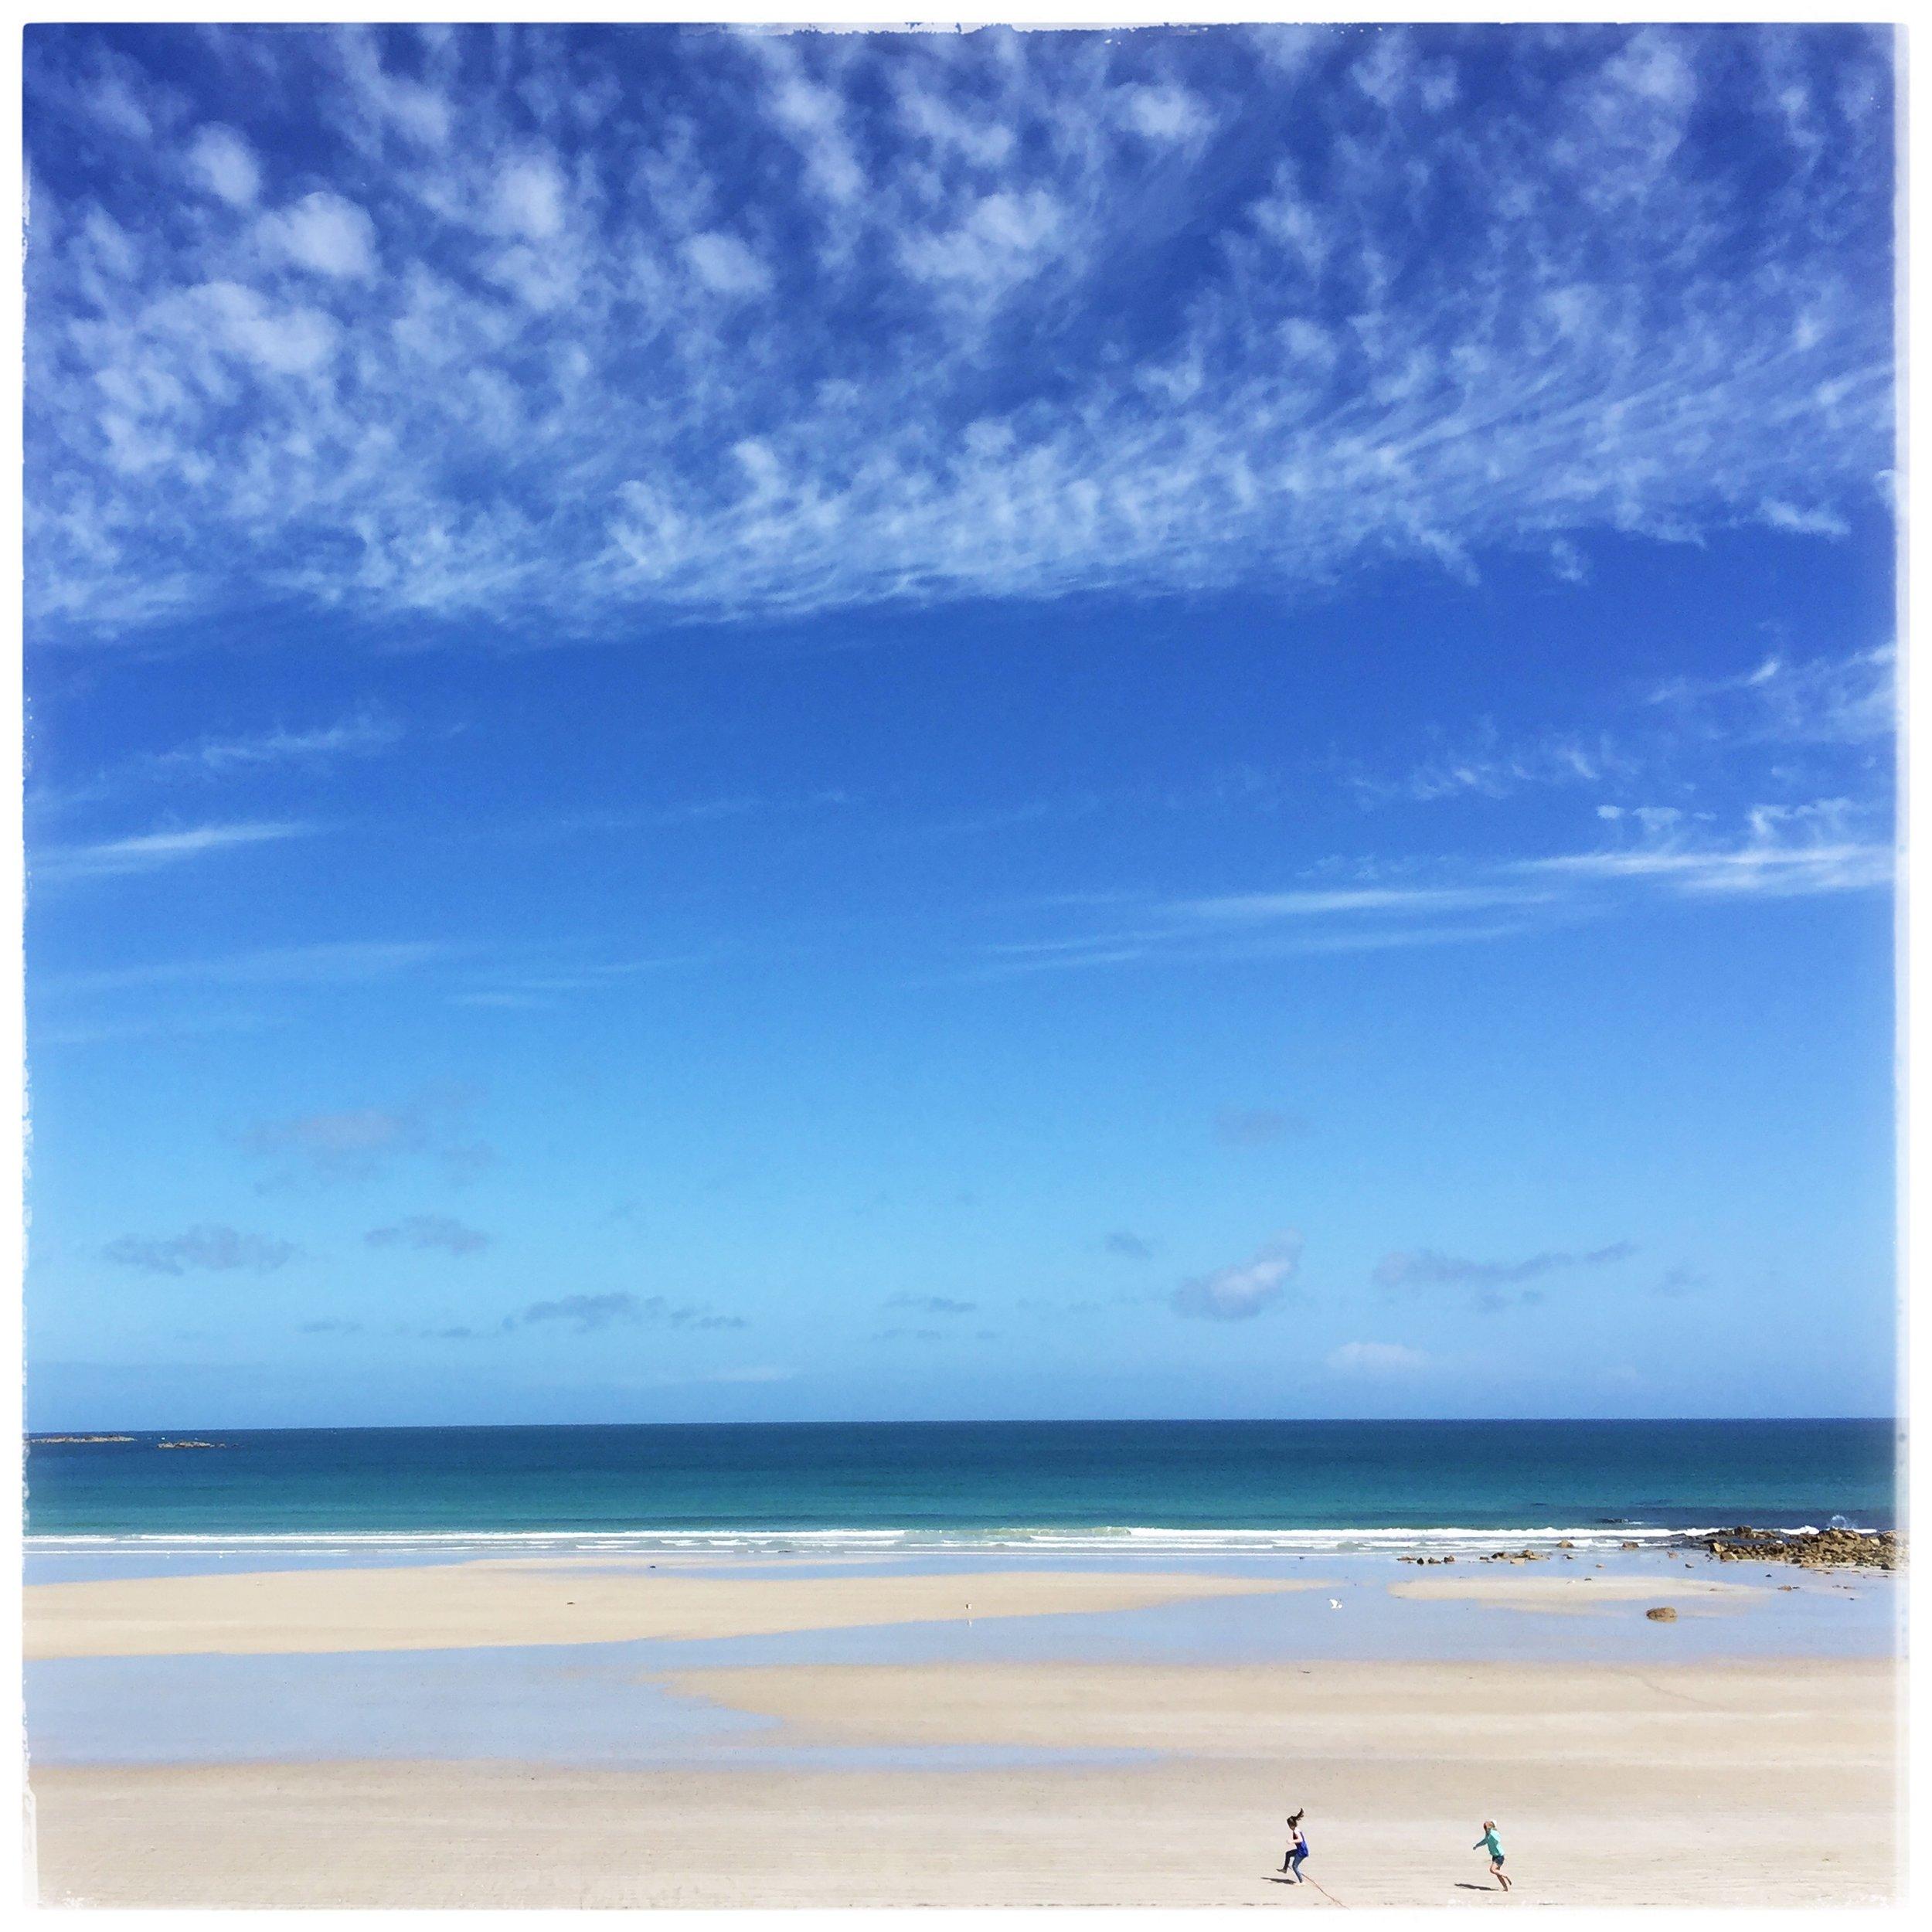 Guernsey - Summer 2016